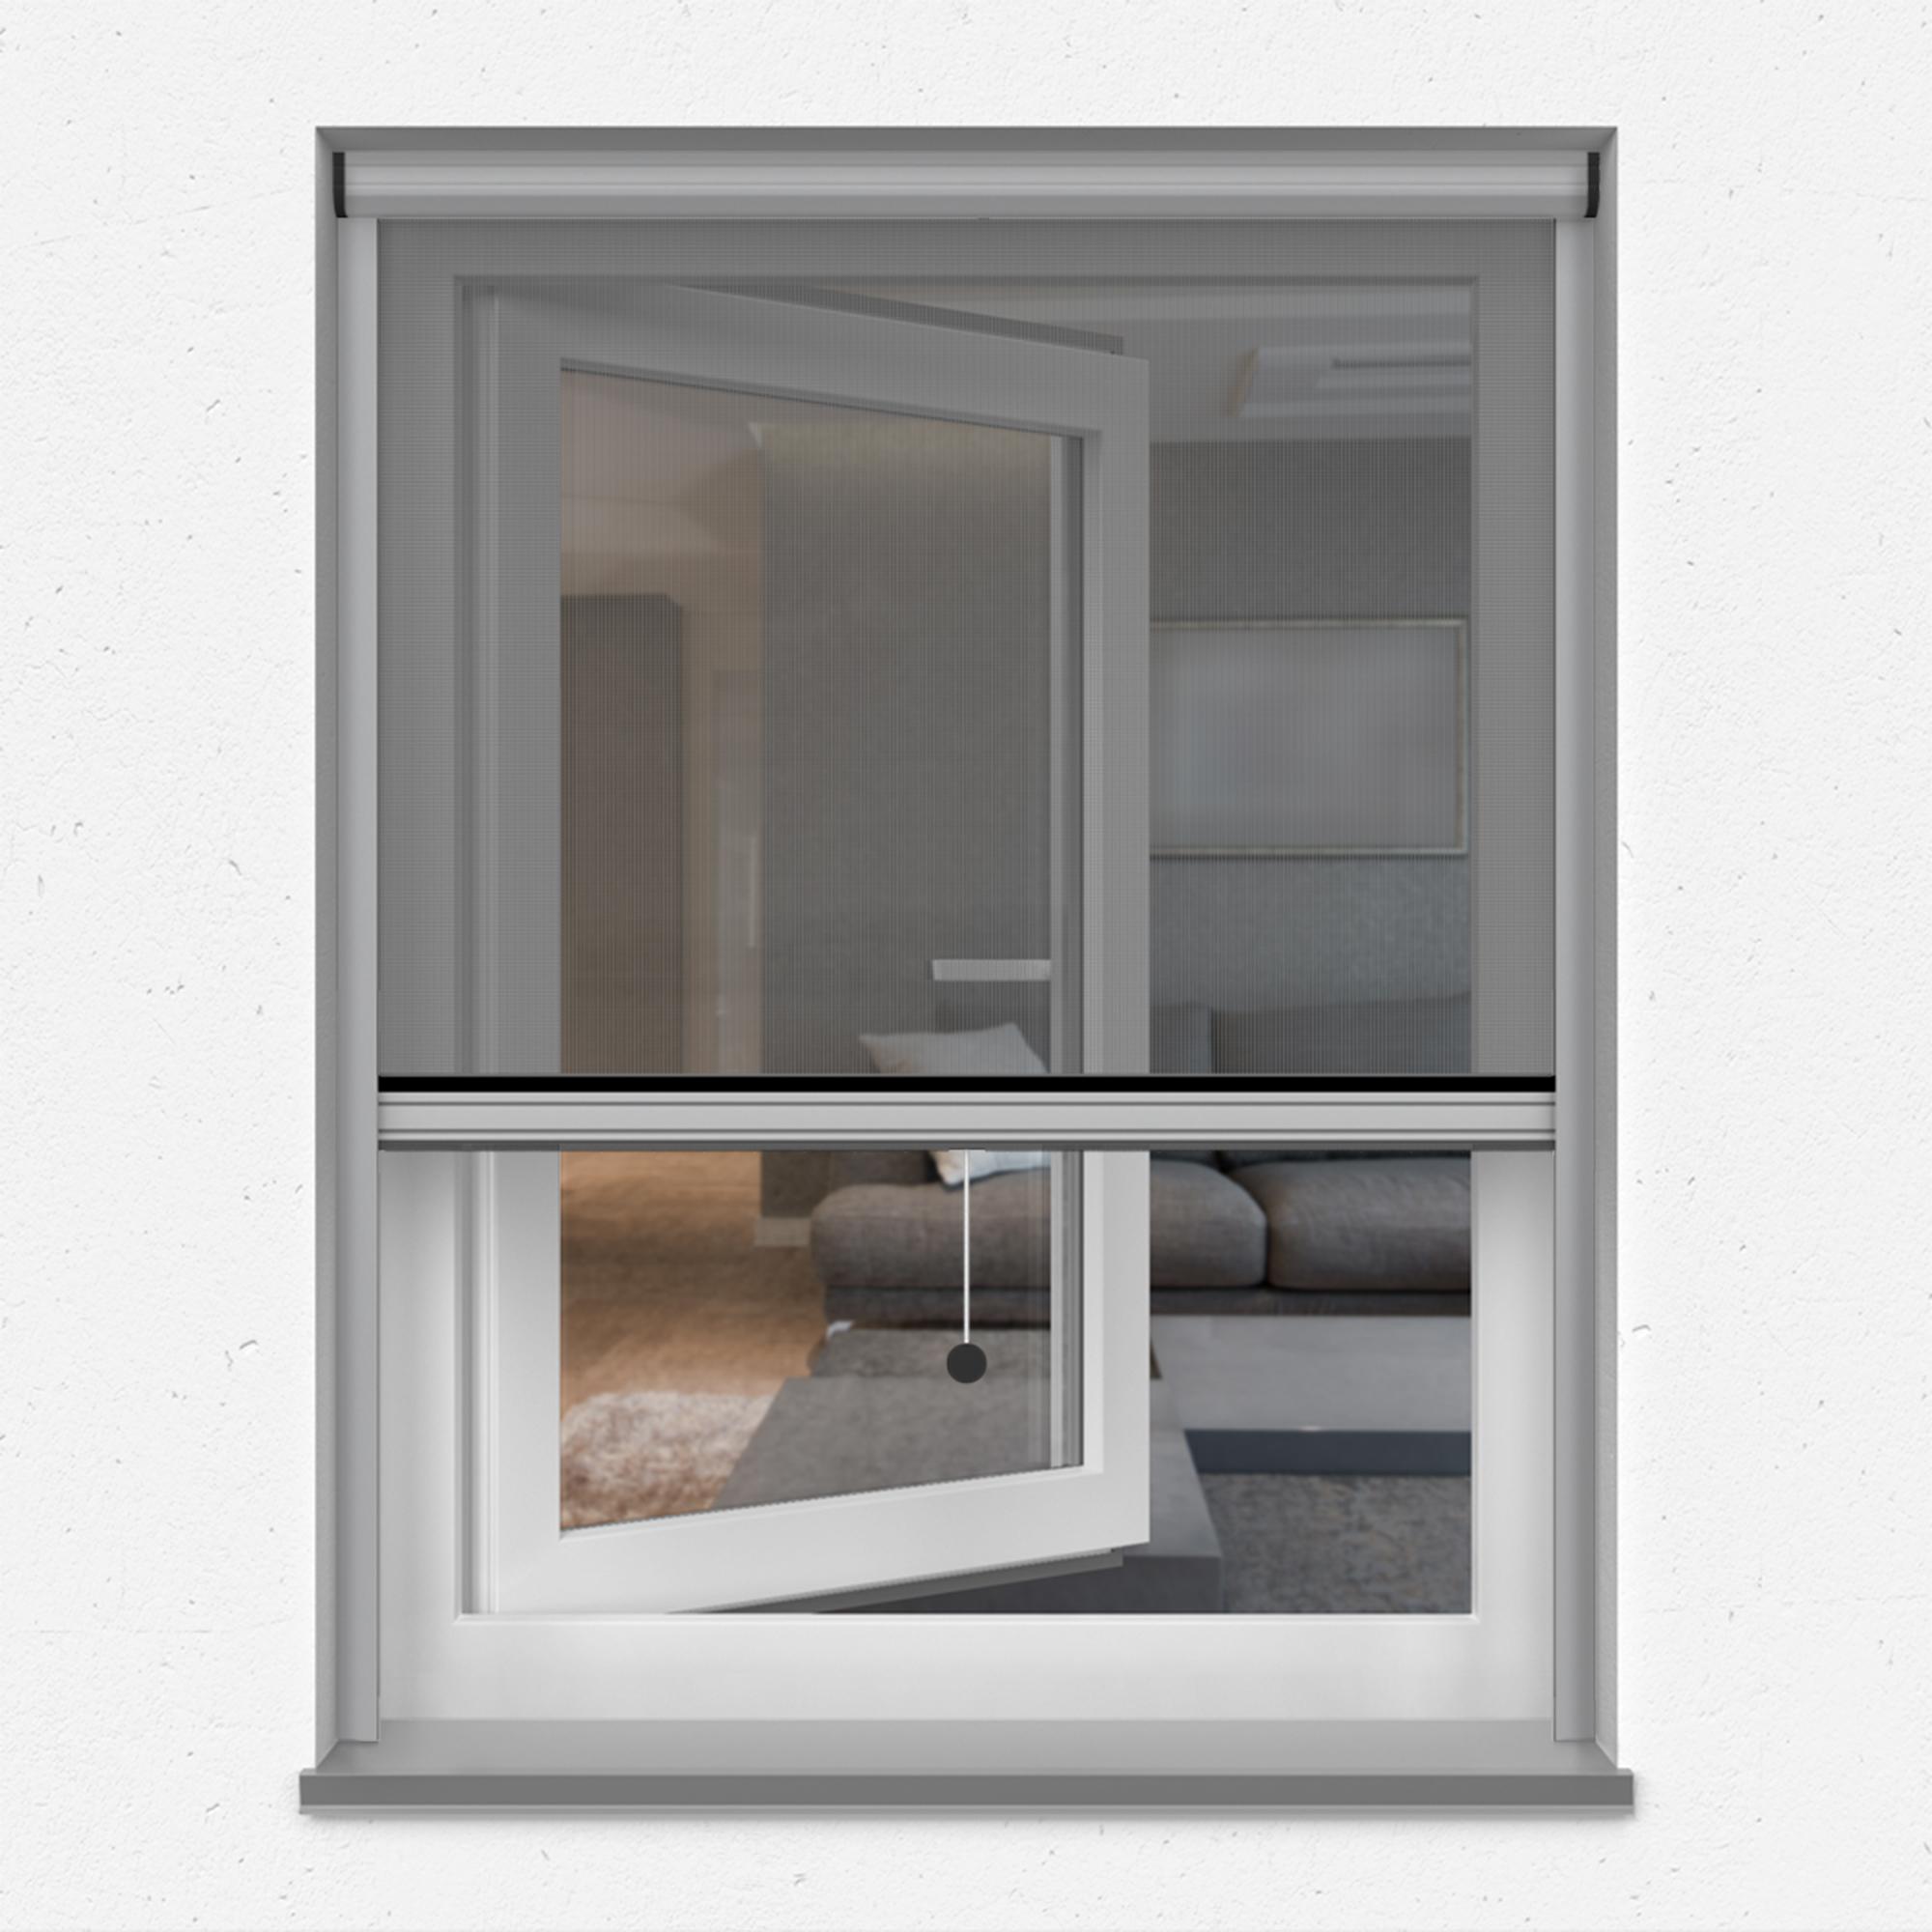 Fliegengitter-Insektenschutz-Rollo-Fenster-Insektenschutzrollo-Alu-Mueckenschutz Indexbild 21